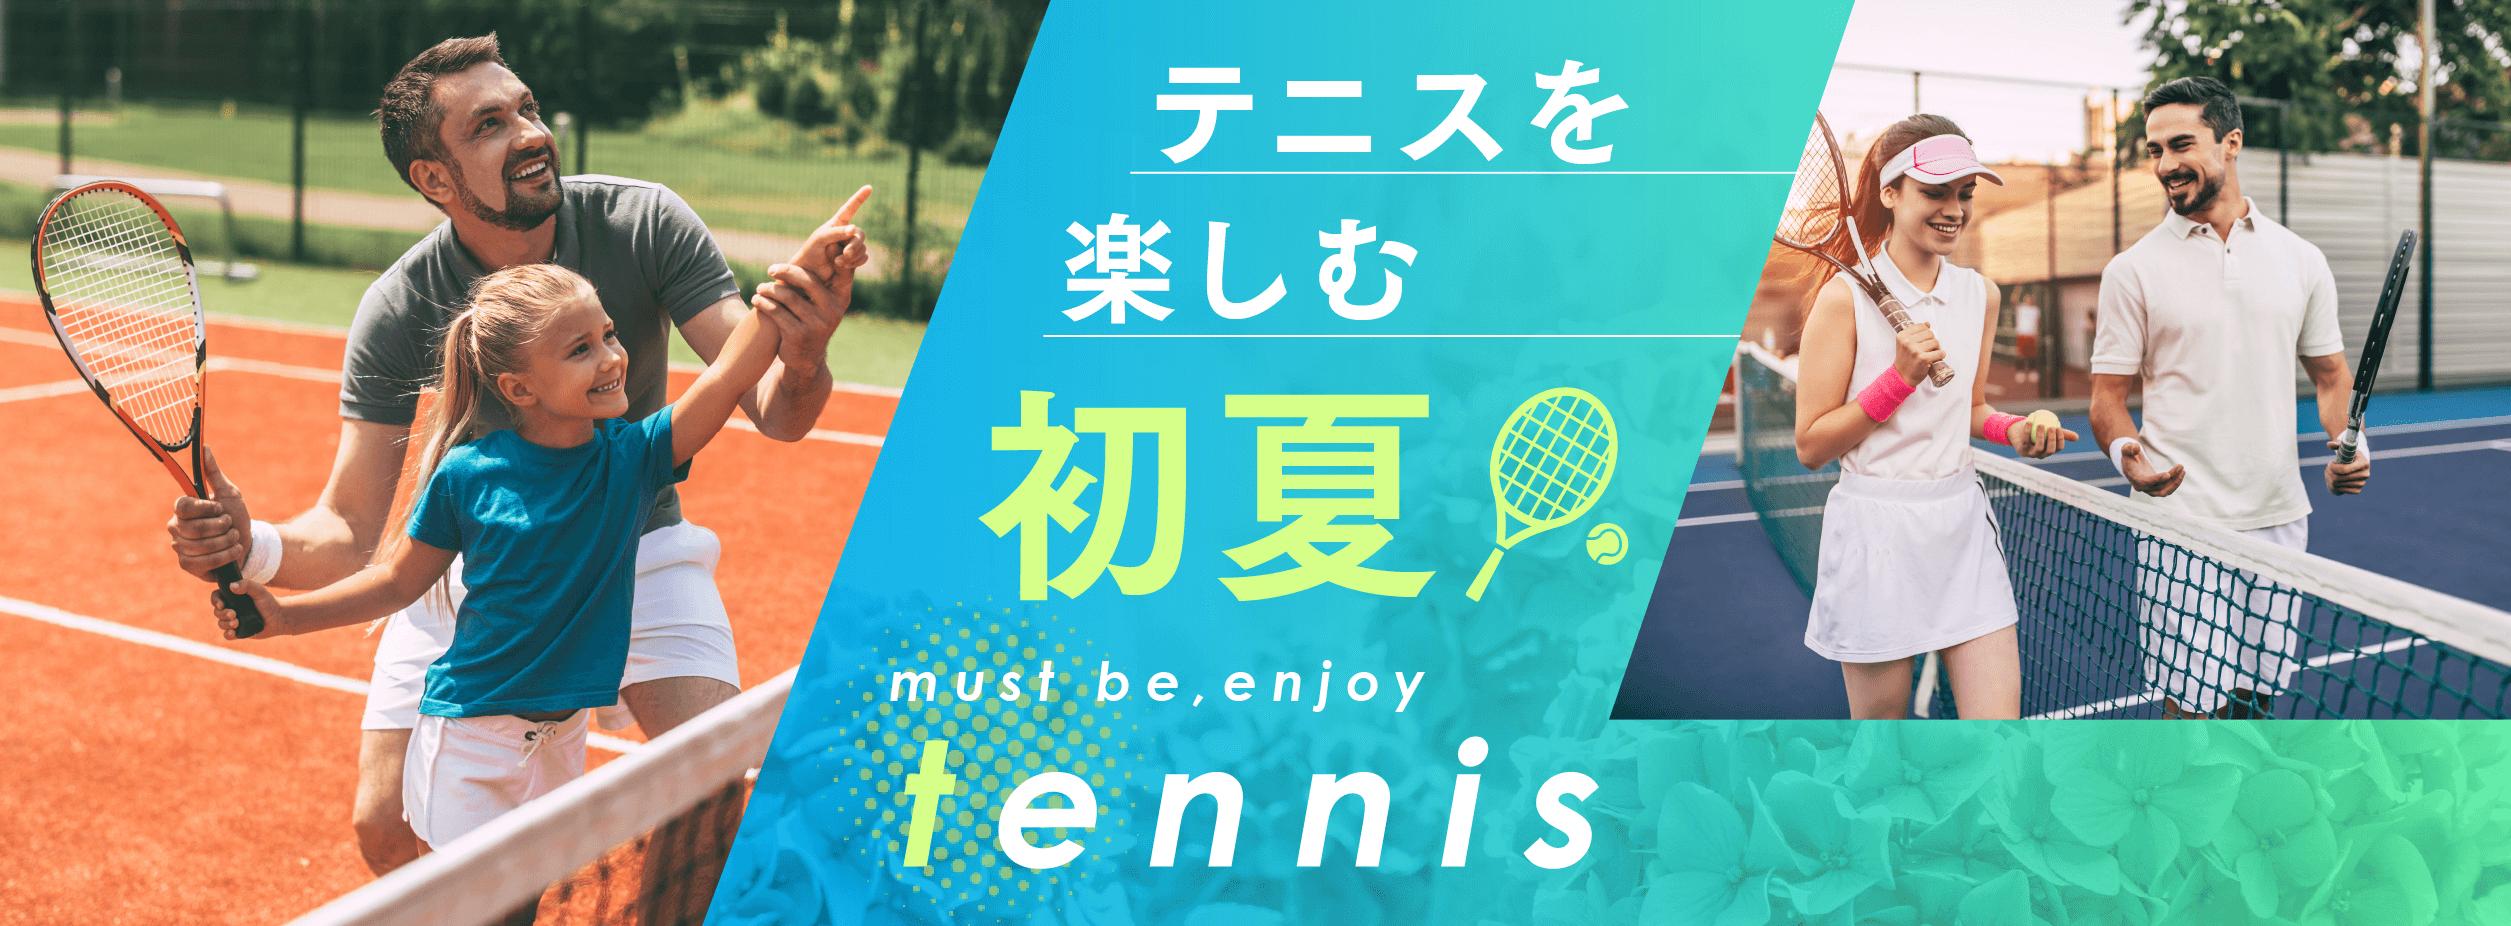 春だからテニスを楽しむ新生活。